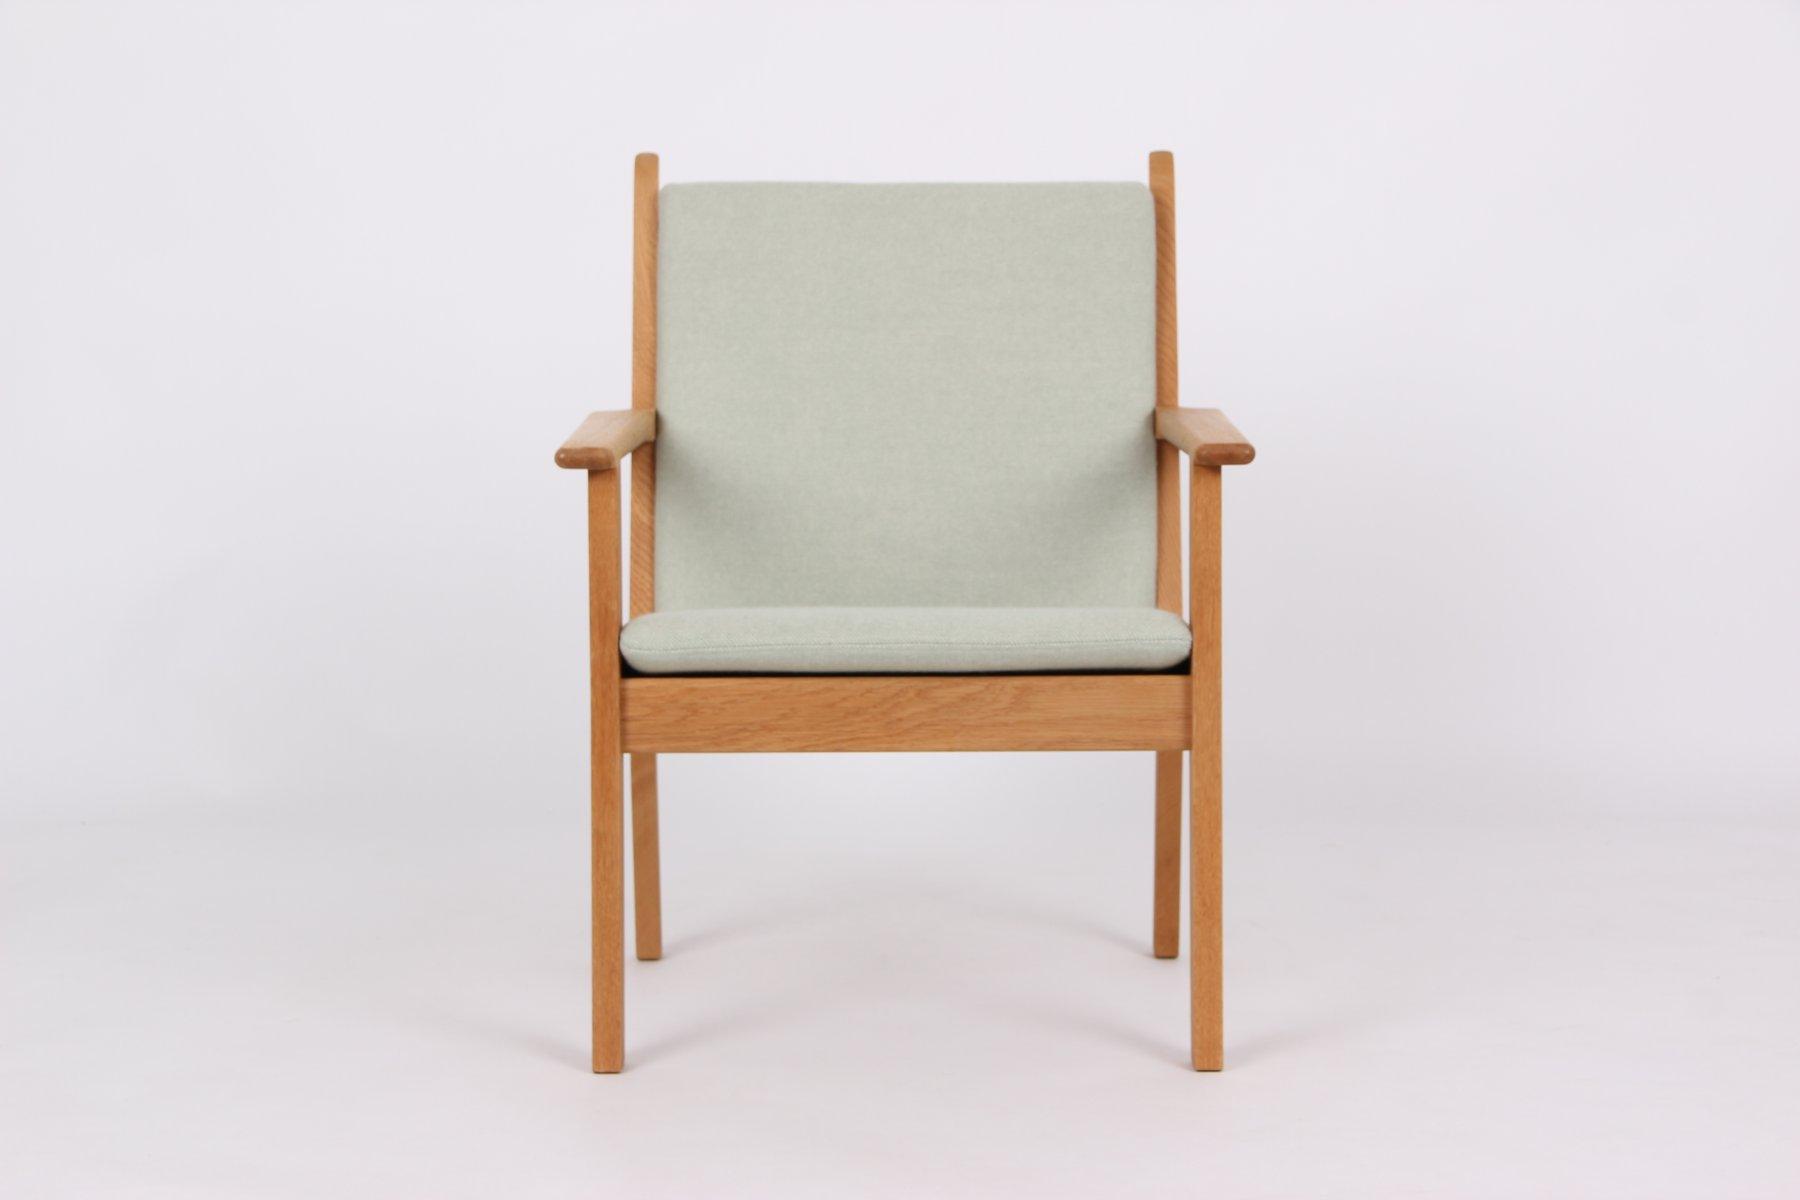 Dänischer vintage GE284 Sessel von Hans J. Wegner für Getama